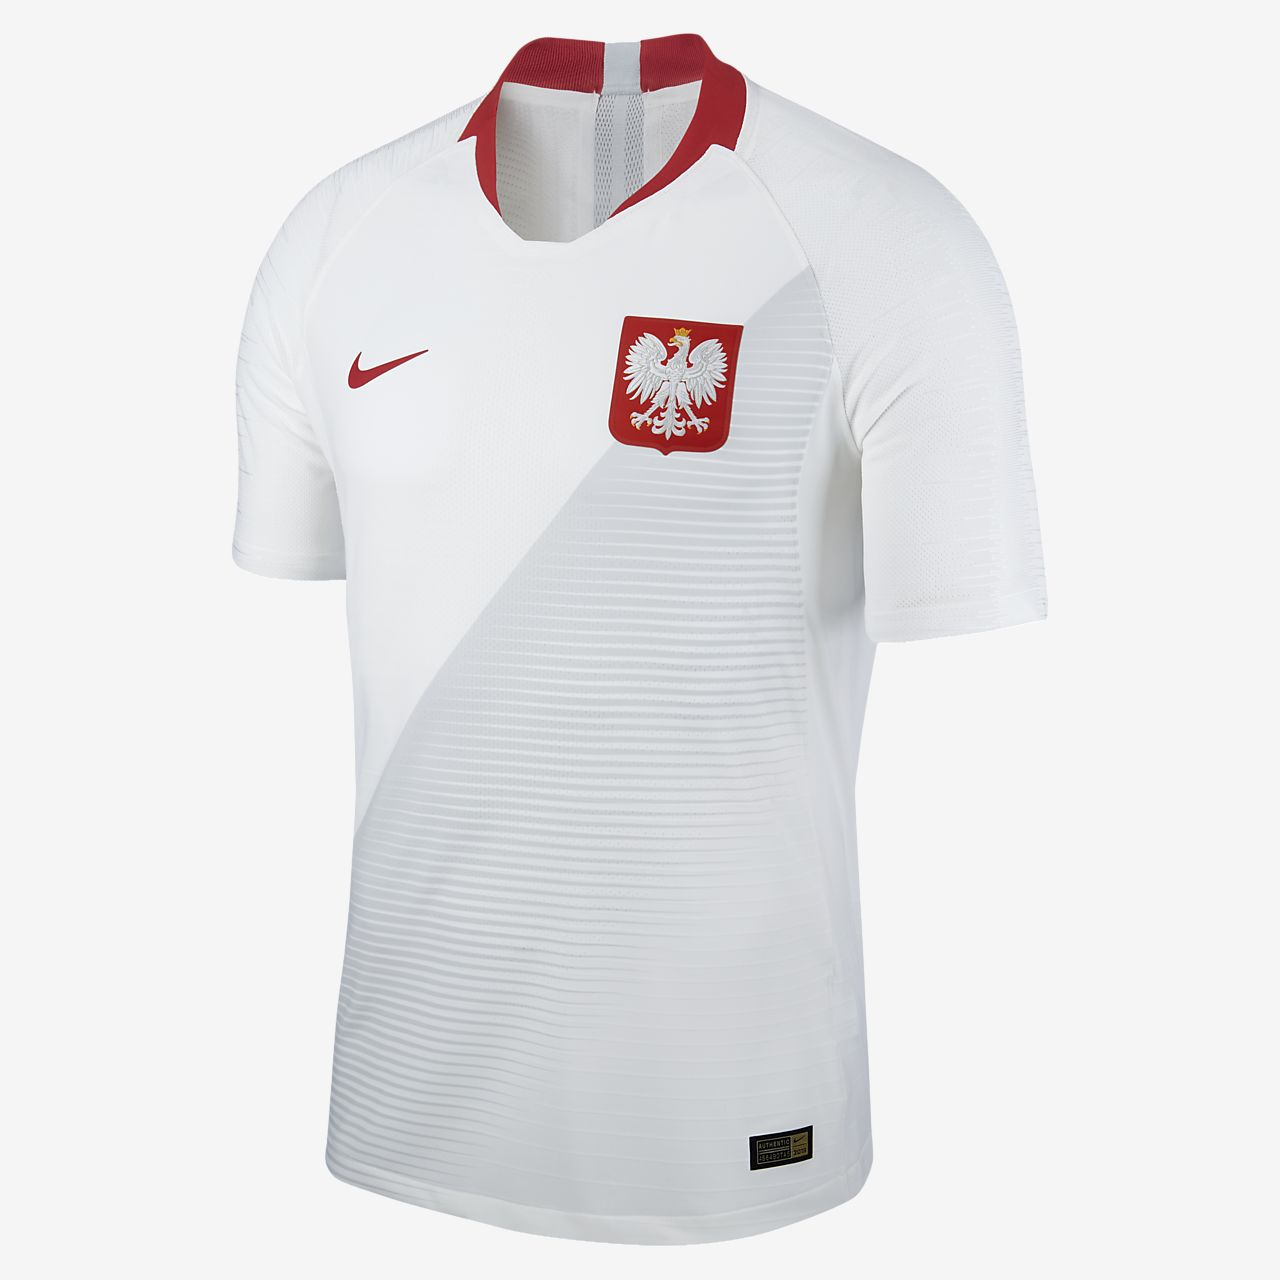 2018 Poland Vapor Match Home Men s Football Shirt. Nike.com CA 2b2856bd3